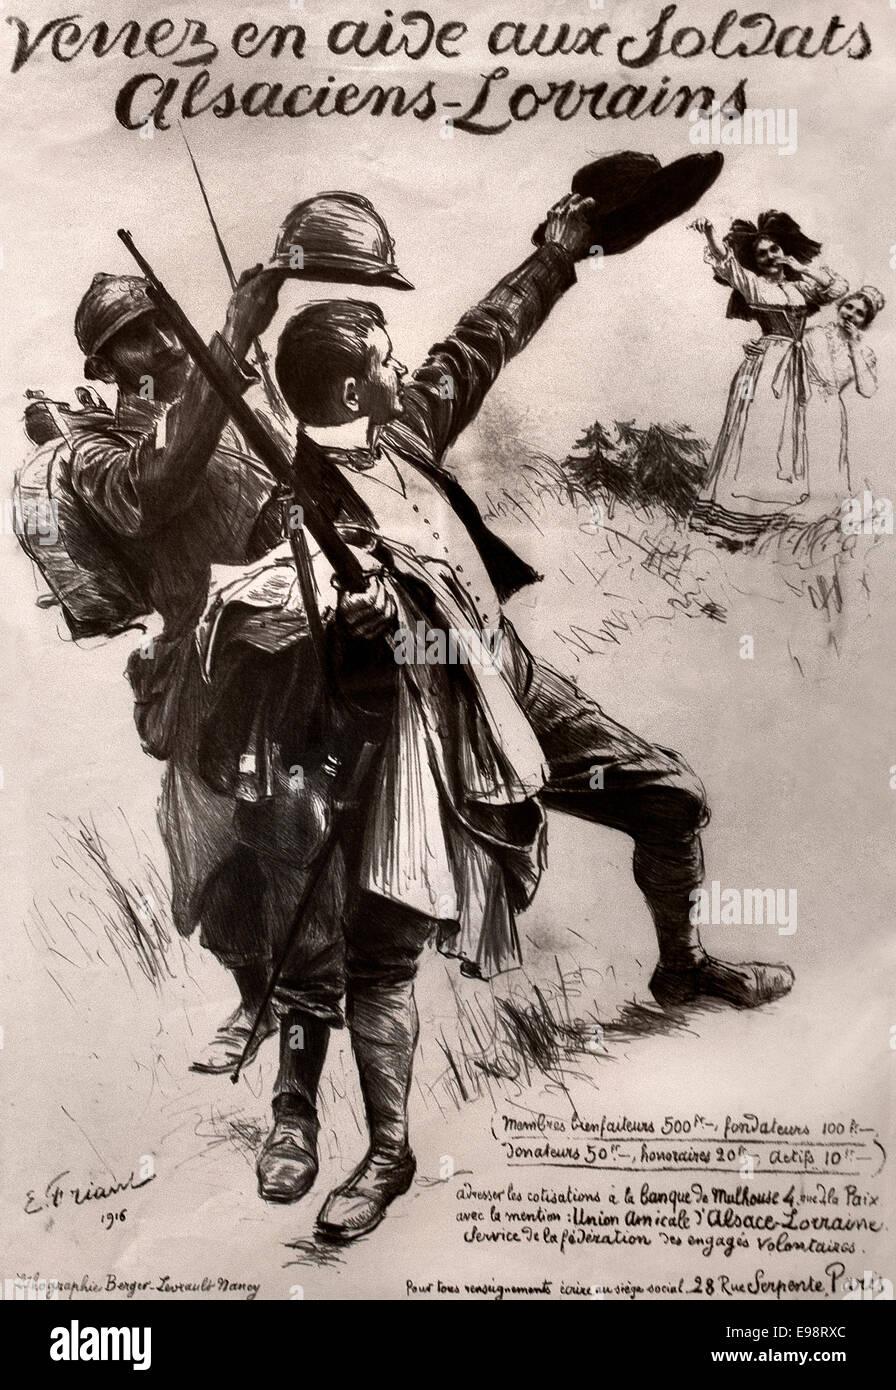 L` Engagé volontaire alsacien - volunteer Alsatian 1916 Émile Friant 1868-1932 France French - Stock Image